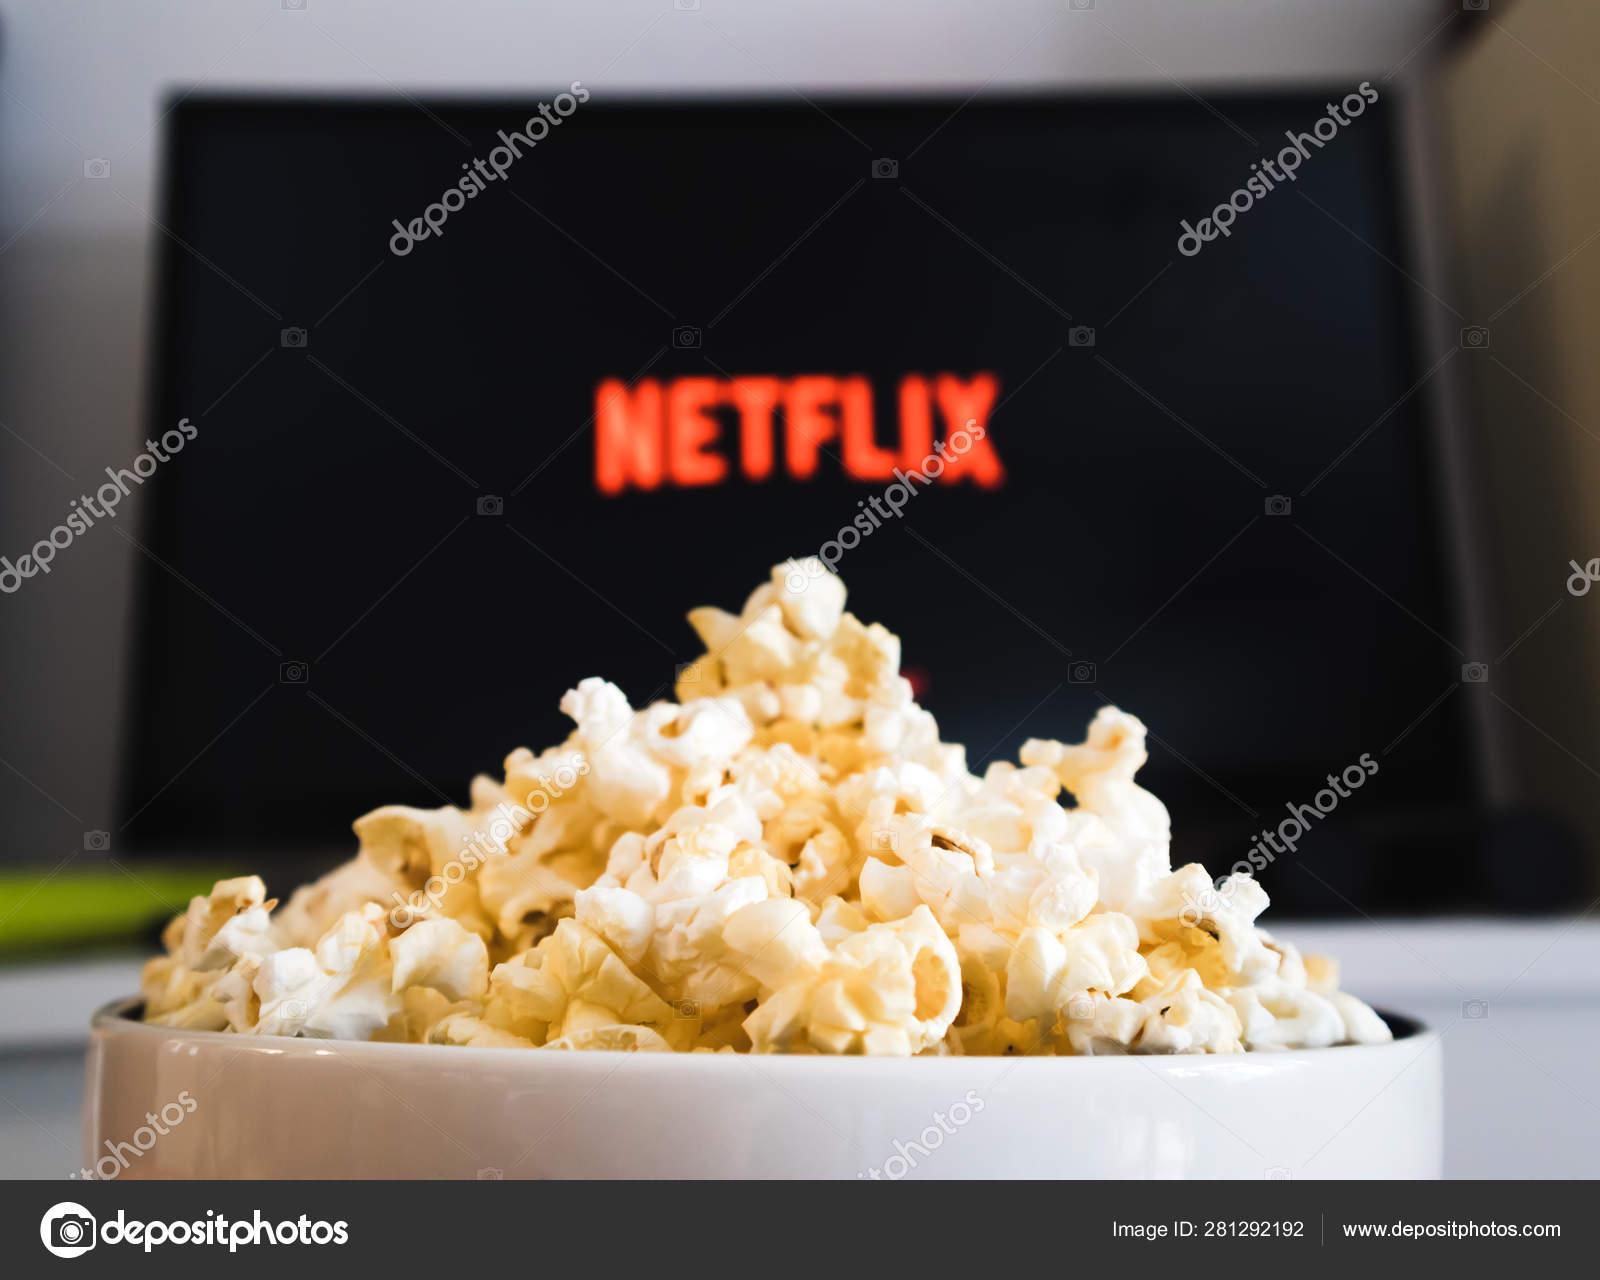 CHIANGMAI, THAILAND - JULY 5, 2019- Popcorn bowl and Netflix